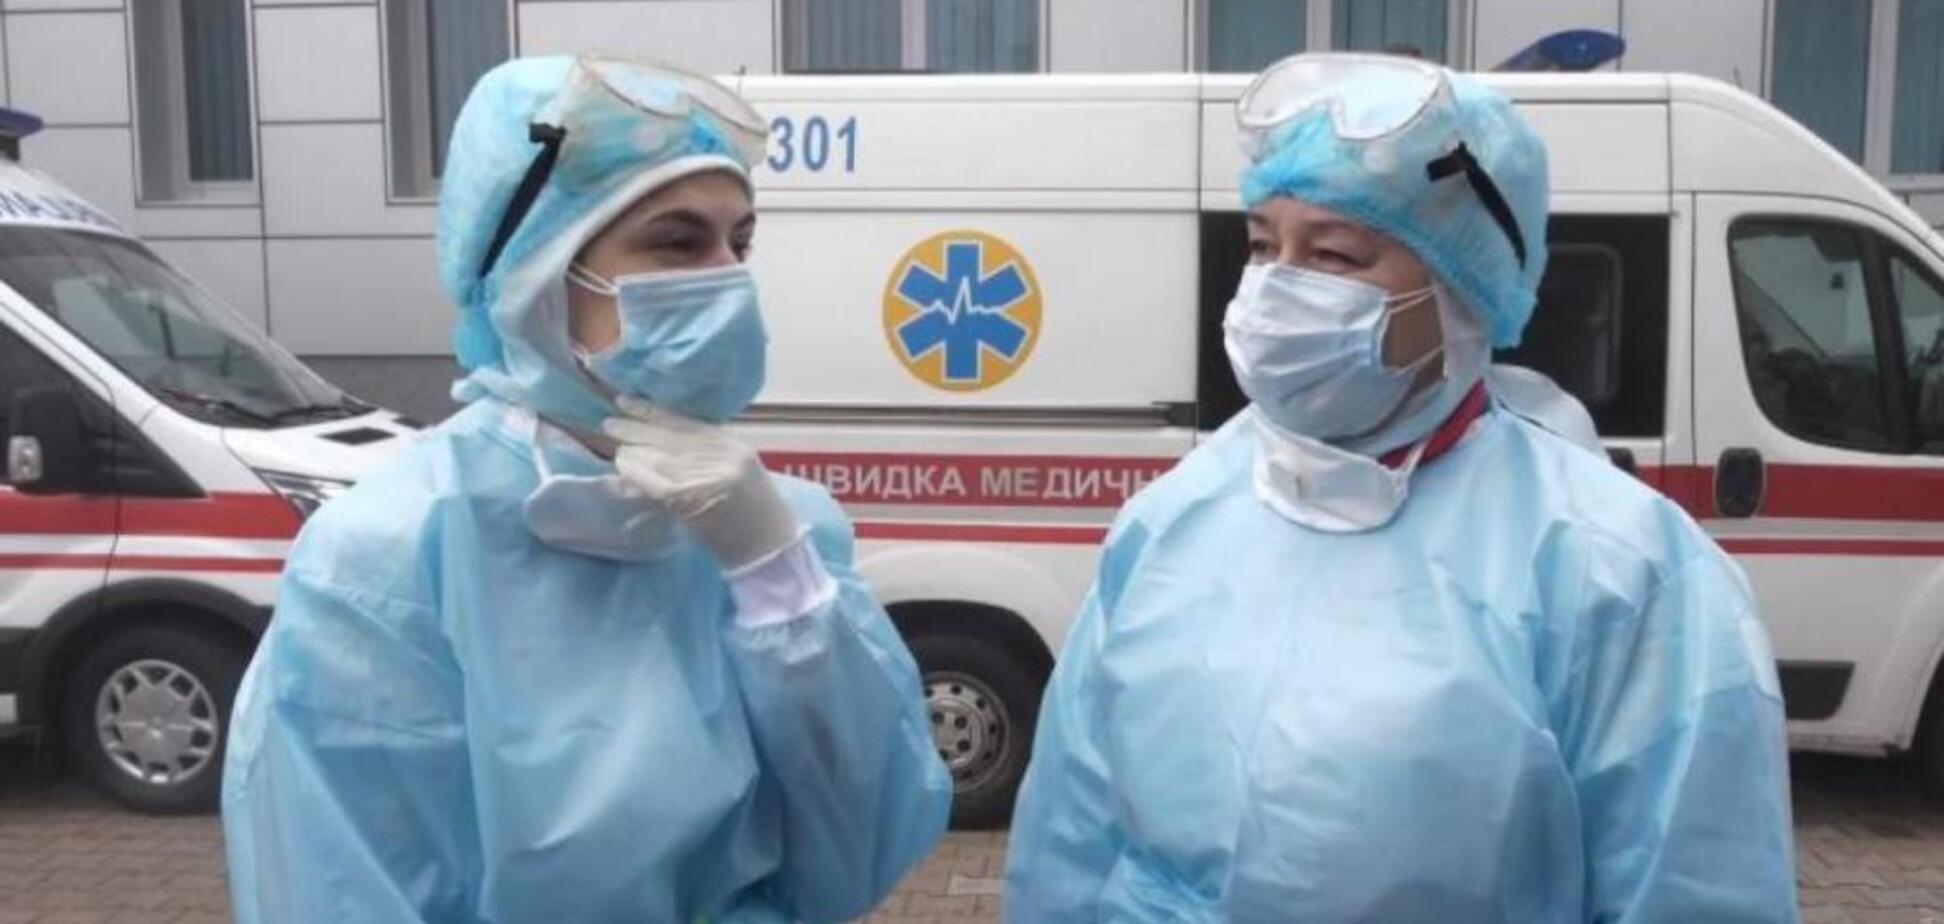 Інфекціоністи назвали головну проблему українських лікарів